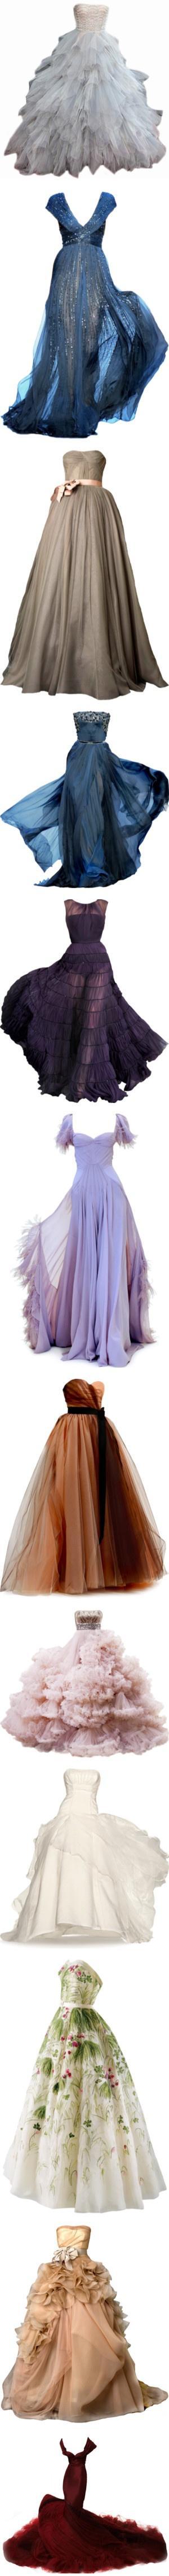 Mariage - Idées de robe de demoiselle d'honneur